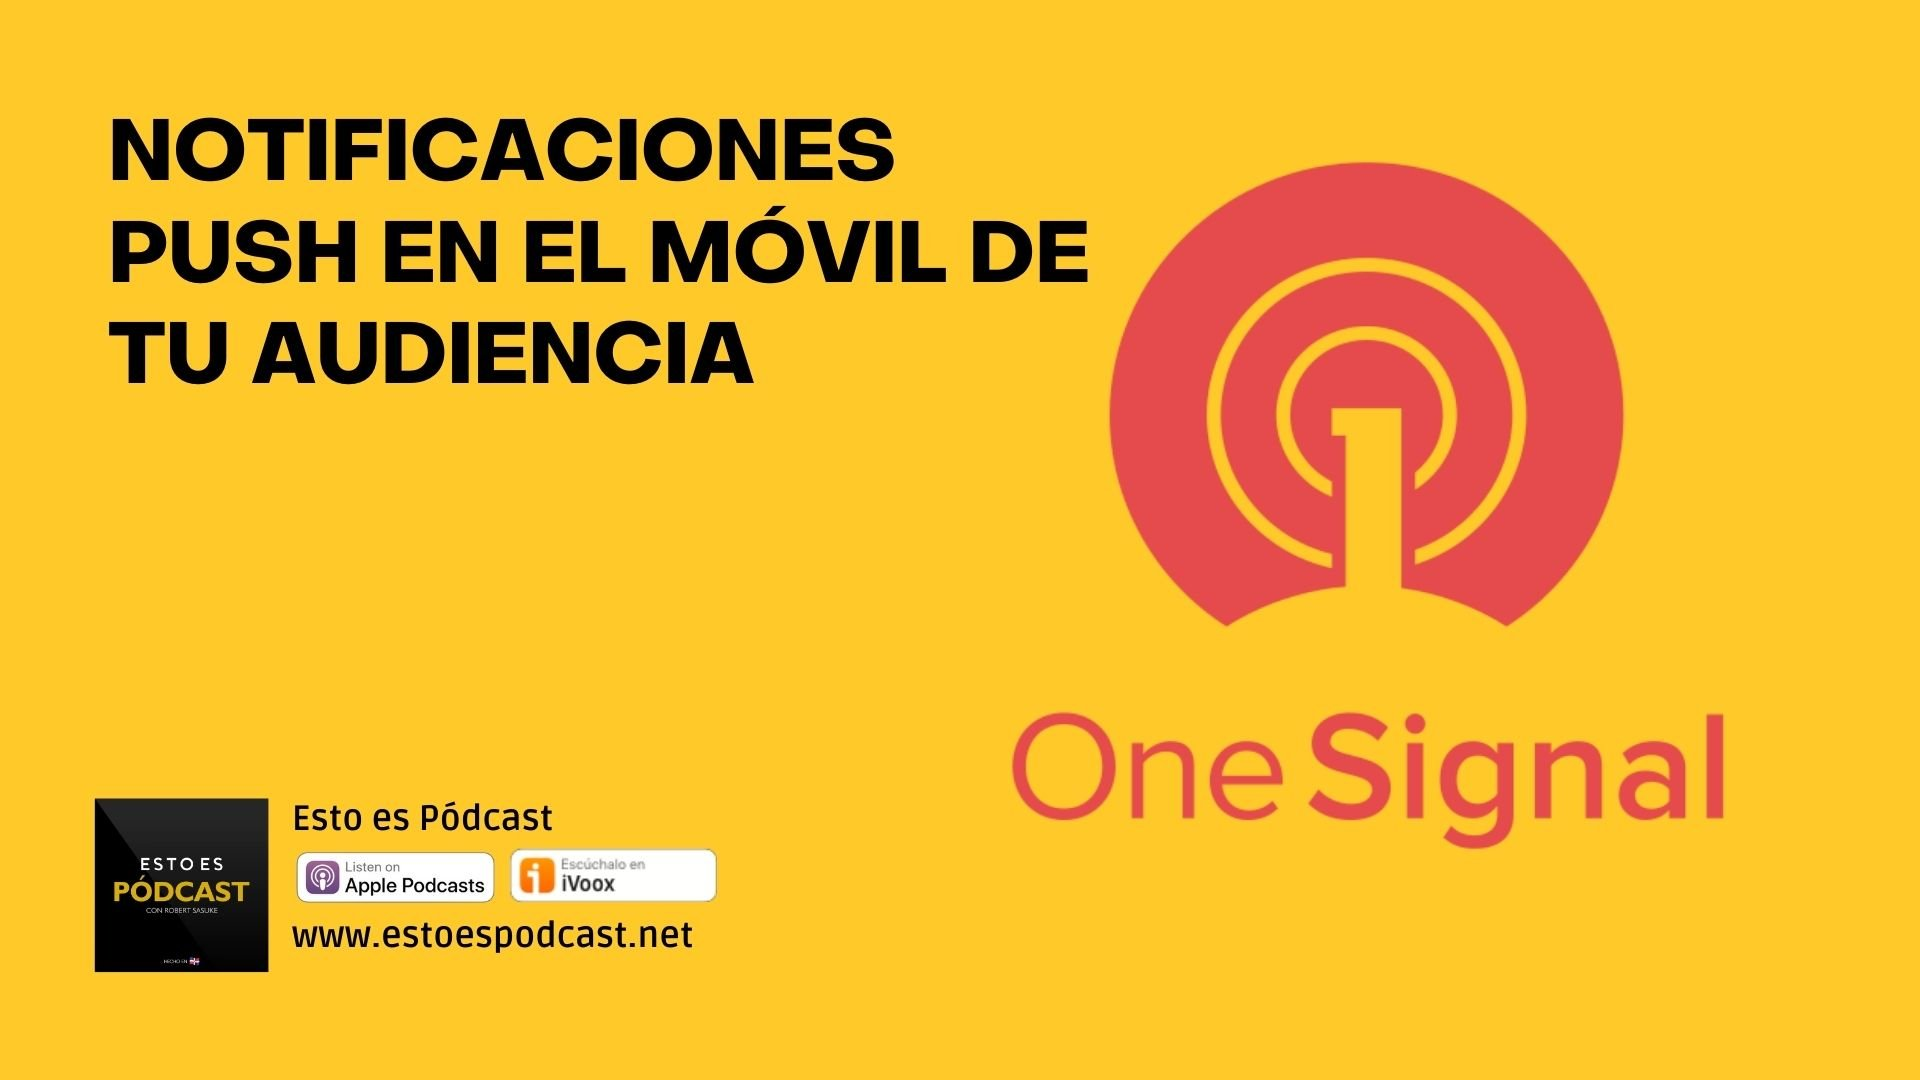 Envía notificaciones a la pc o móvil de tu audiencia: OneSignal